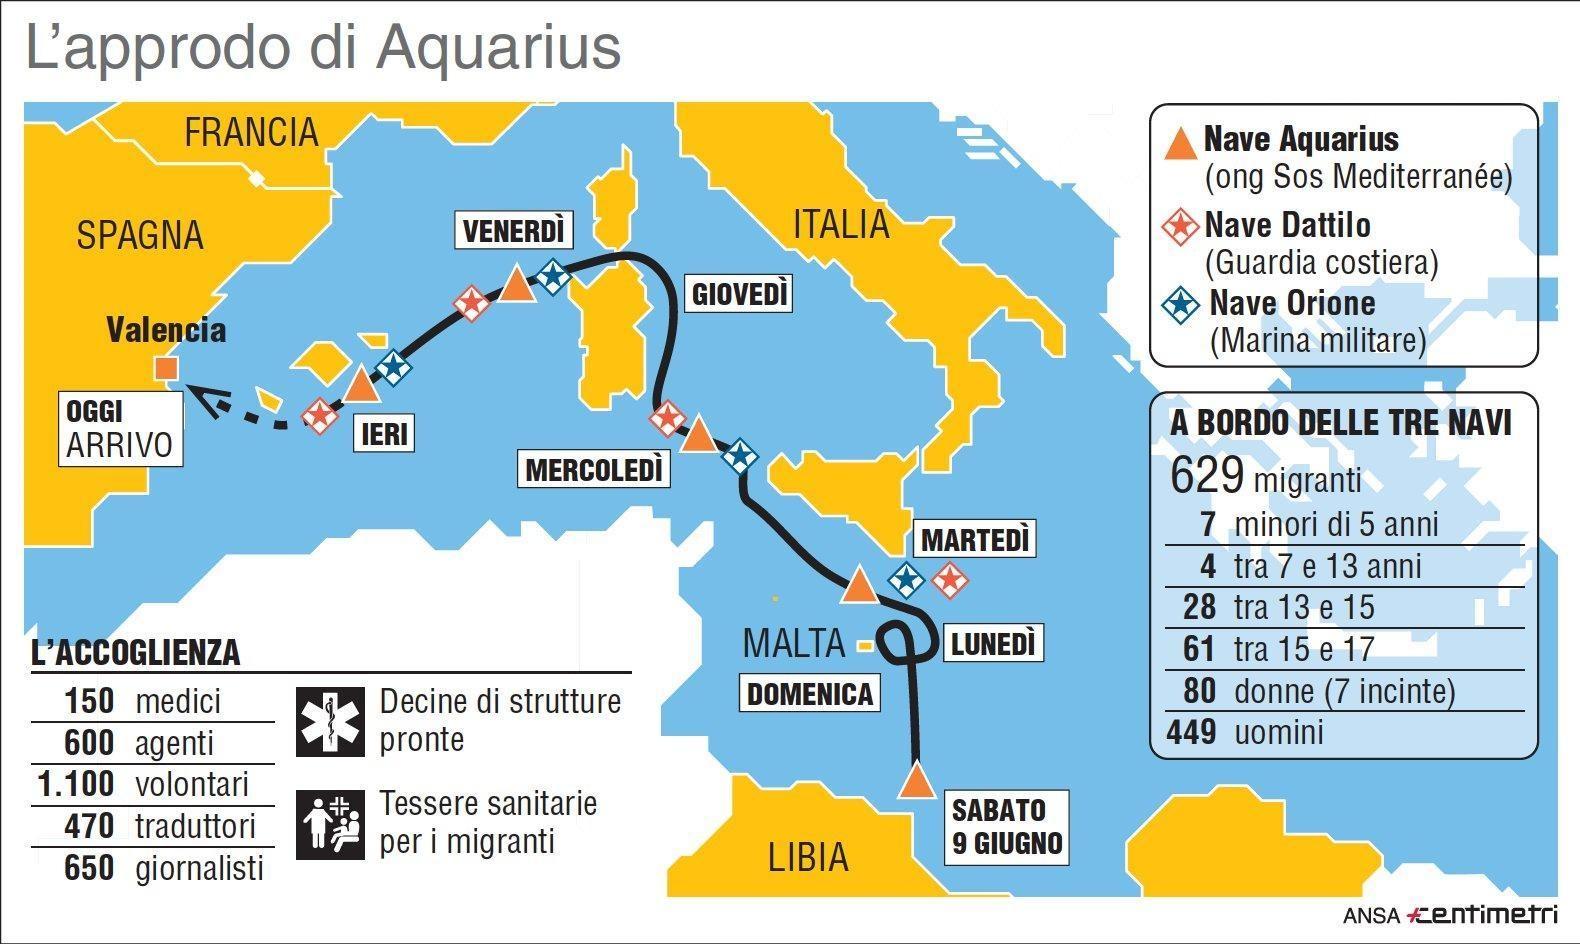 Nell'infografica realizzata da Centimetri il percorso di Aquarius e l'accoglienza in Spagna.